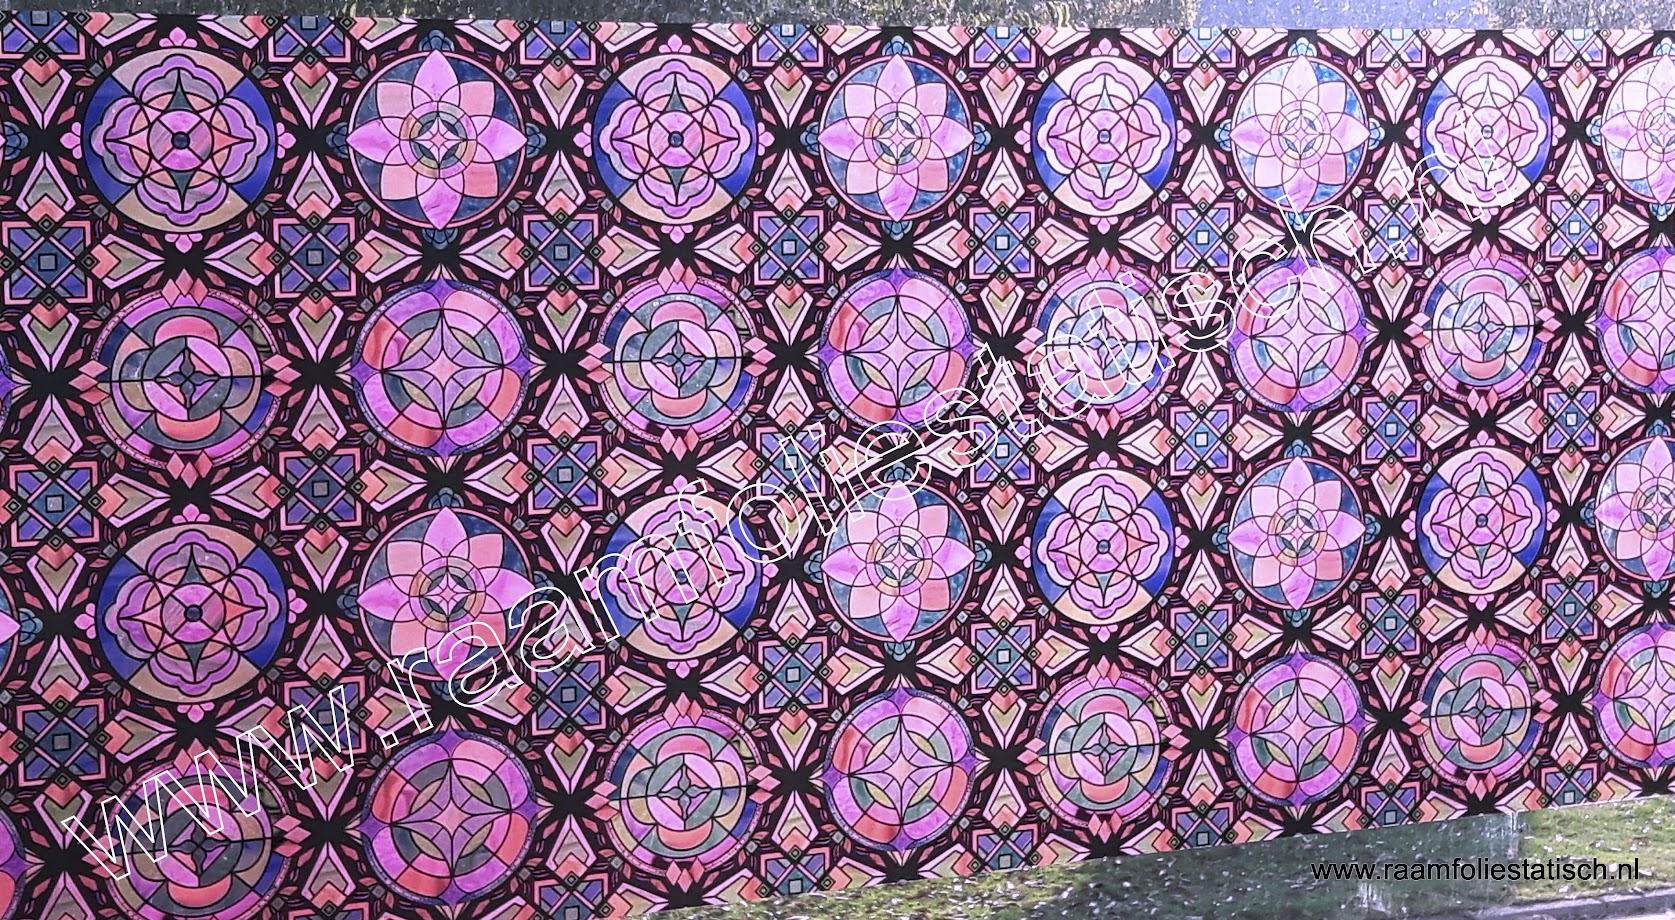 Raamfolie statisch kleuren Lima